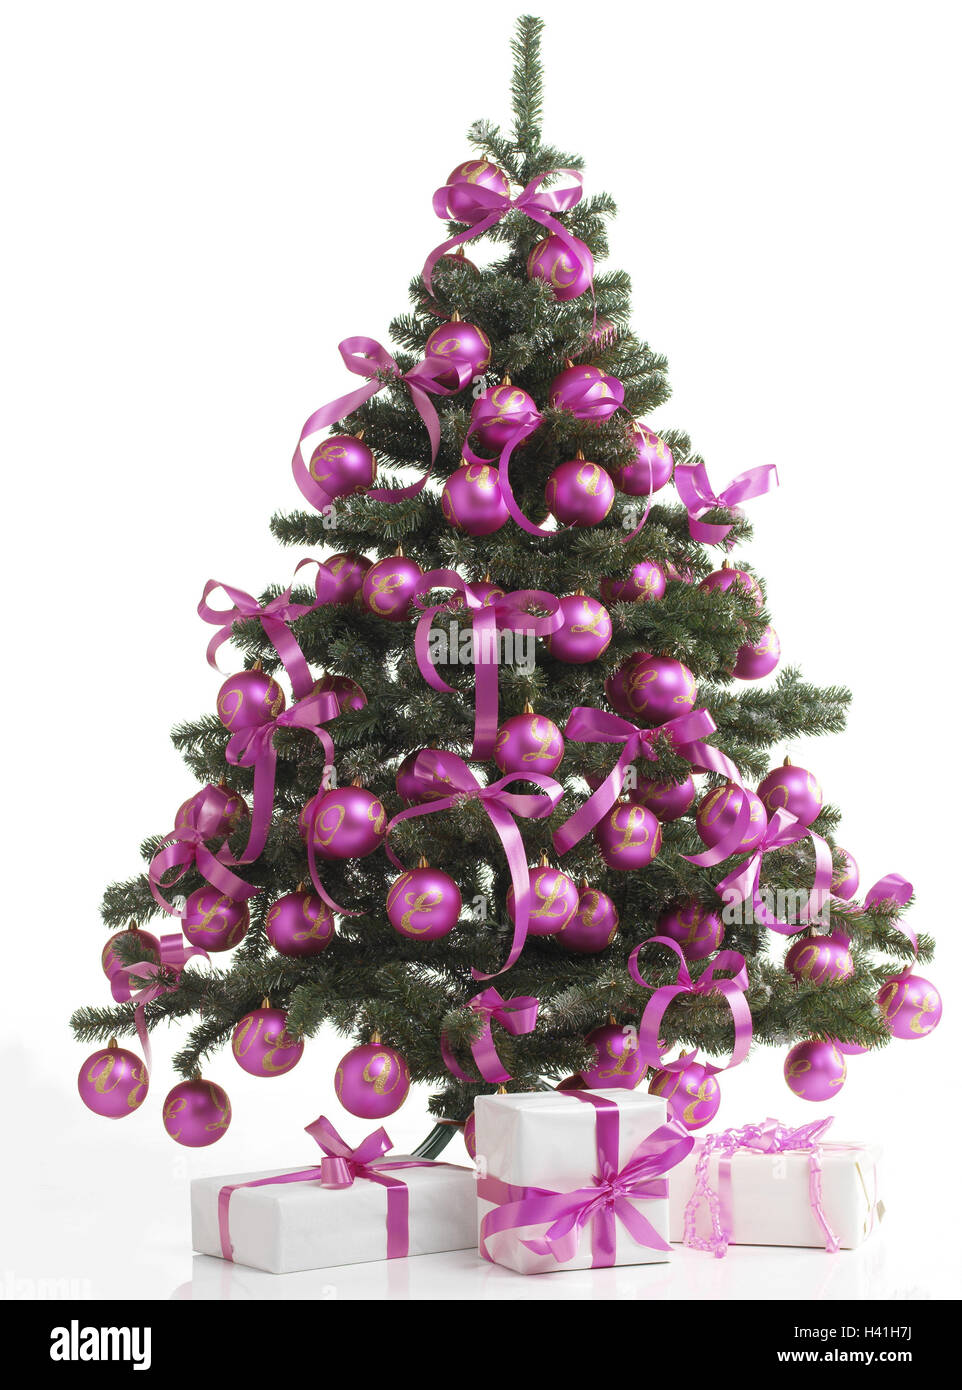 Weihnachtsbaum, Weihnachtsgeschenke, Stillleben, Weihnachten ...